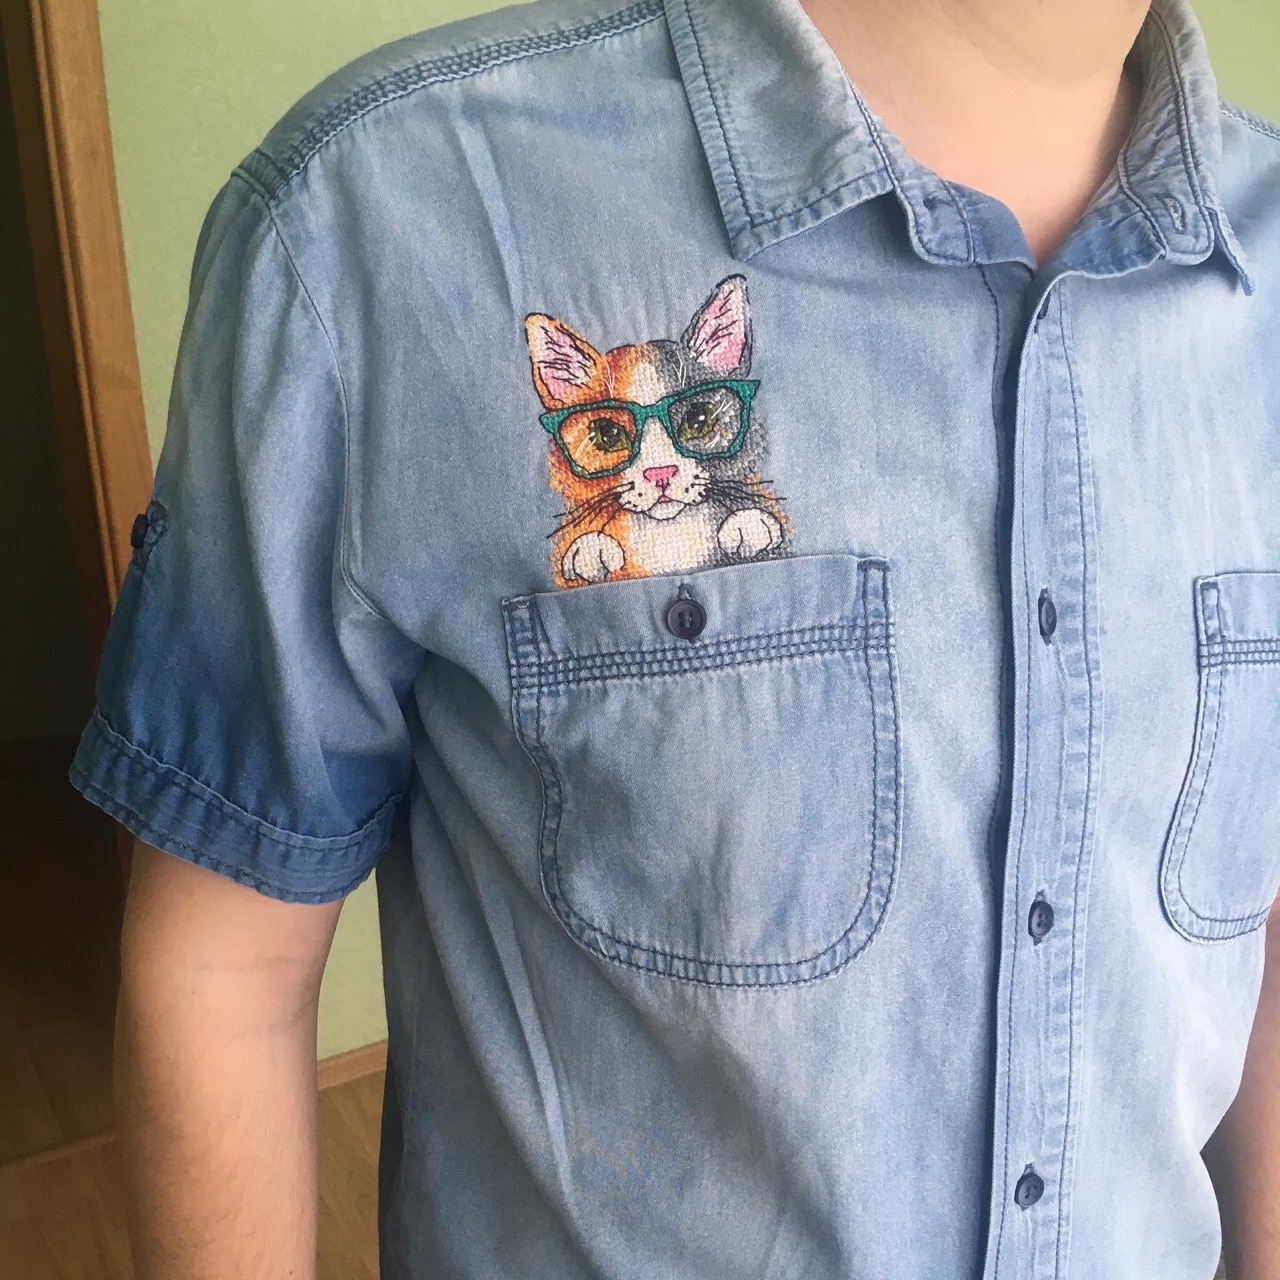 Вышивка крестиком на одежде   Пикабу